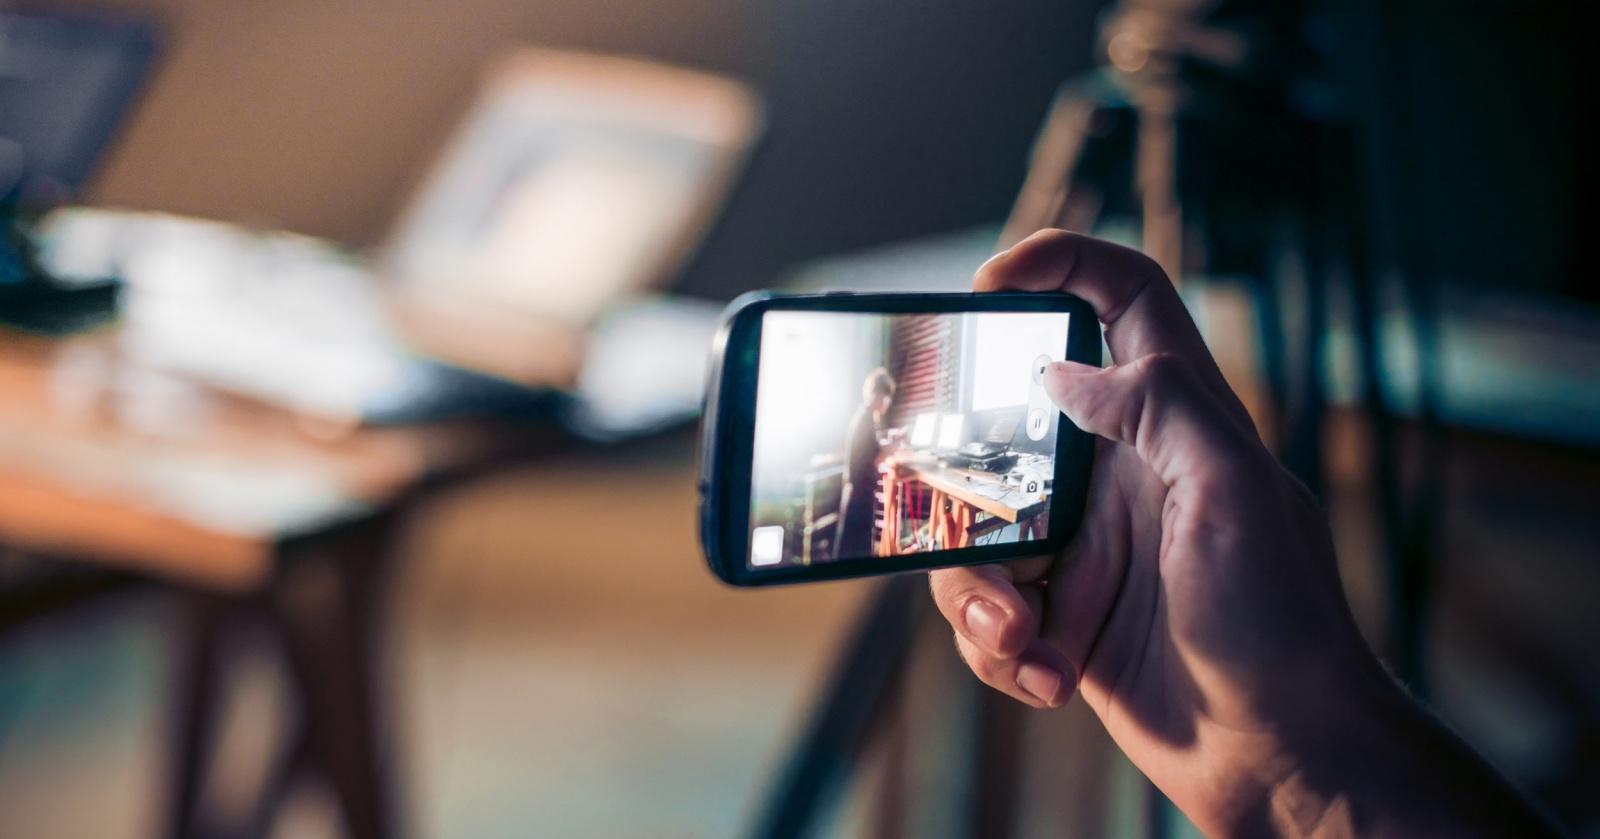 Как проследить за кем угодно через камеру его смартфона